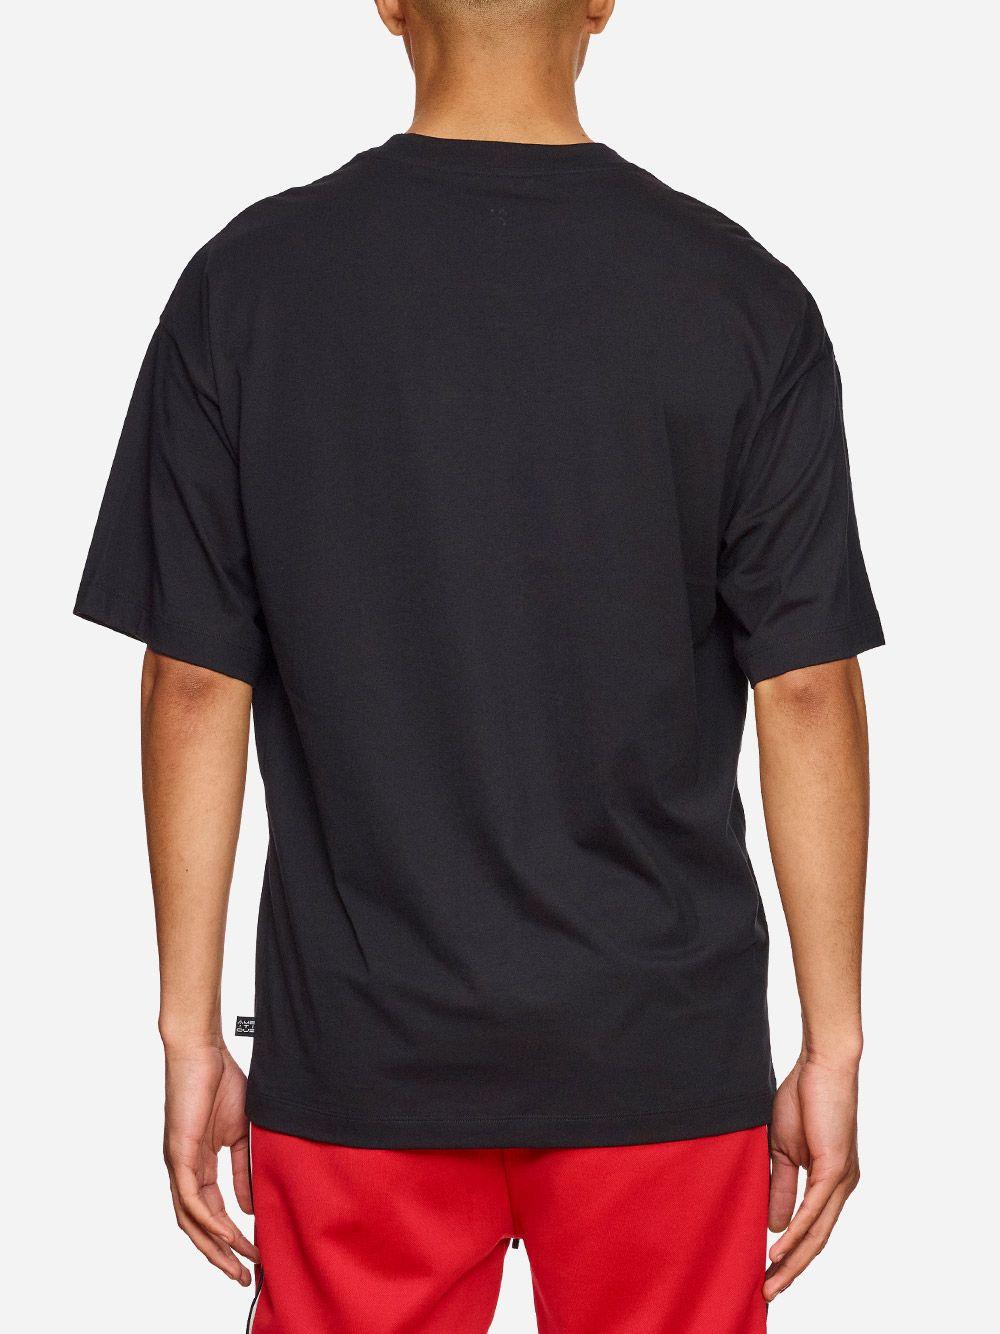 T-Shirt Preta Estampada | AMBITIOUS